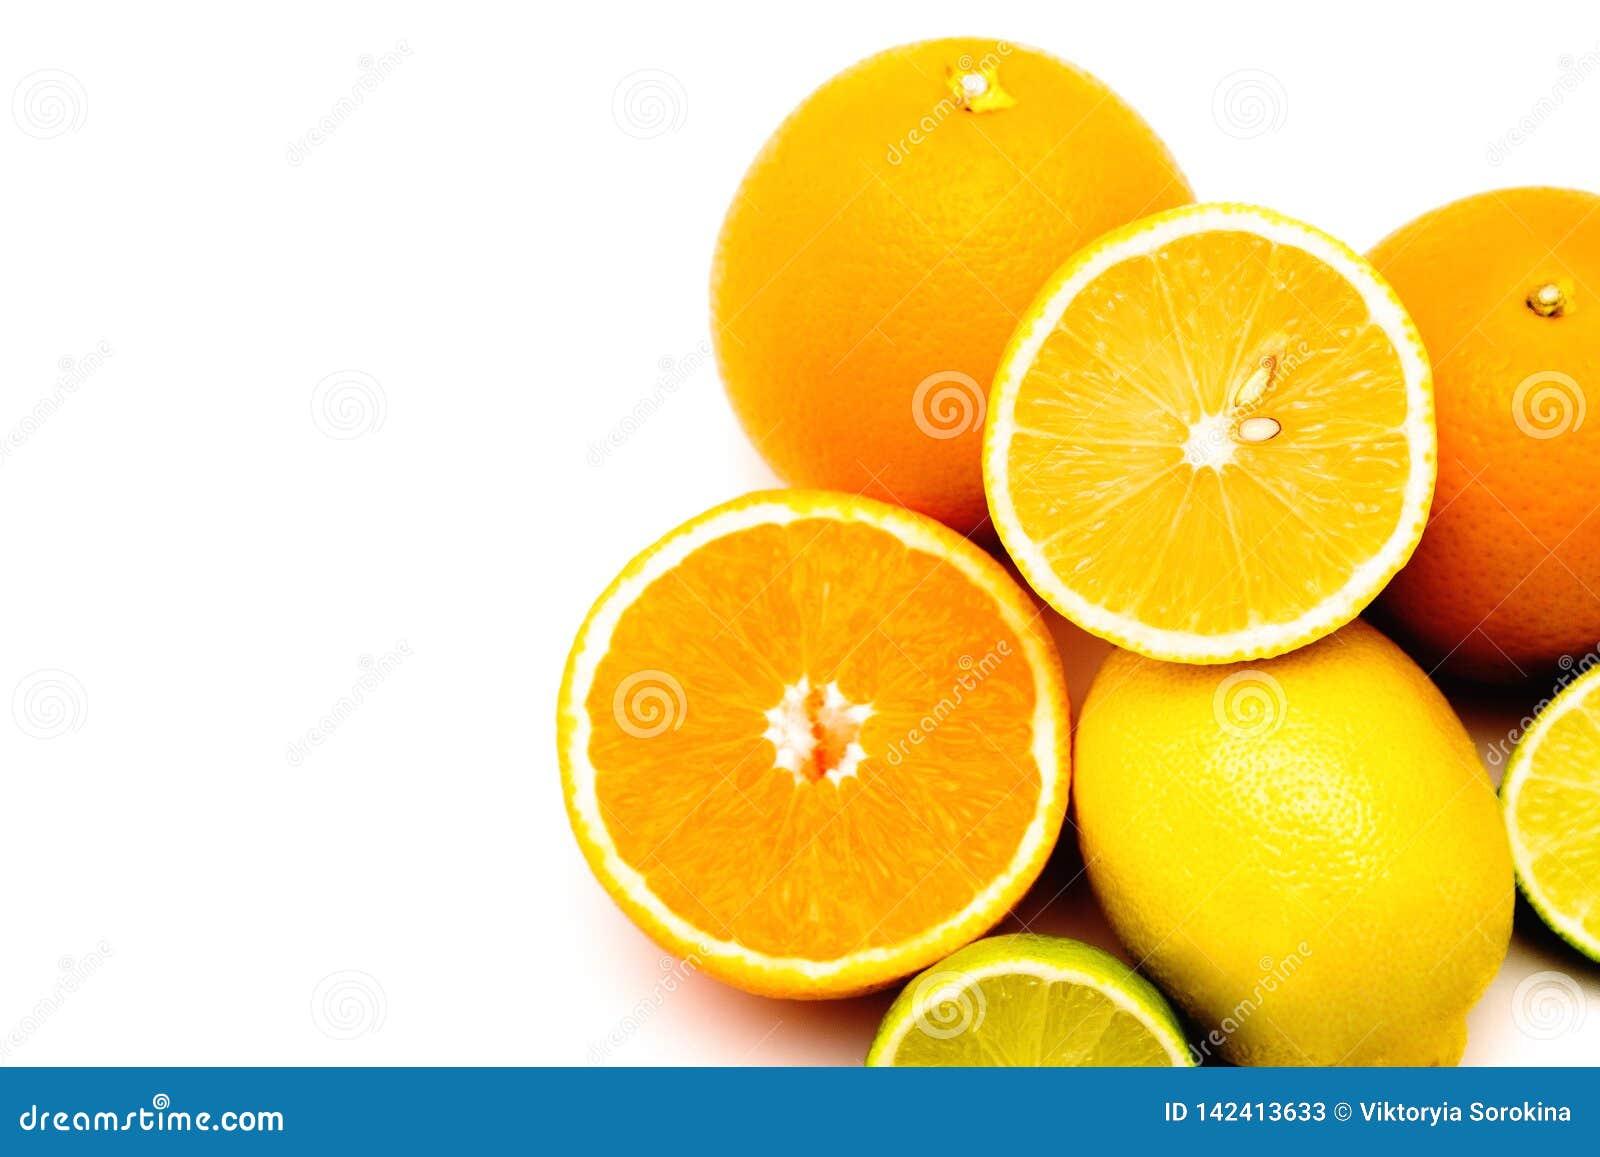 Frutos, frutos tropicais, frutos suculentos, citrino, citrinas, laranja, limão, cal, toranja, suculenta, fruto em um fundo branco